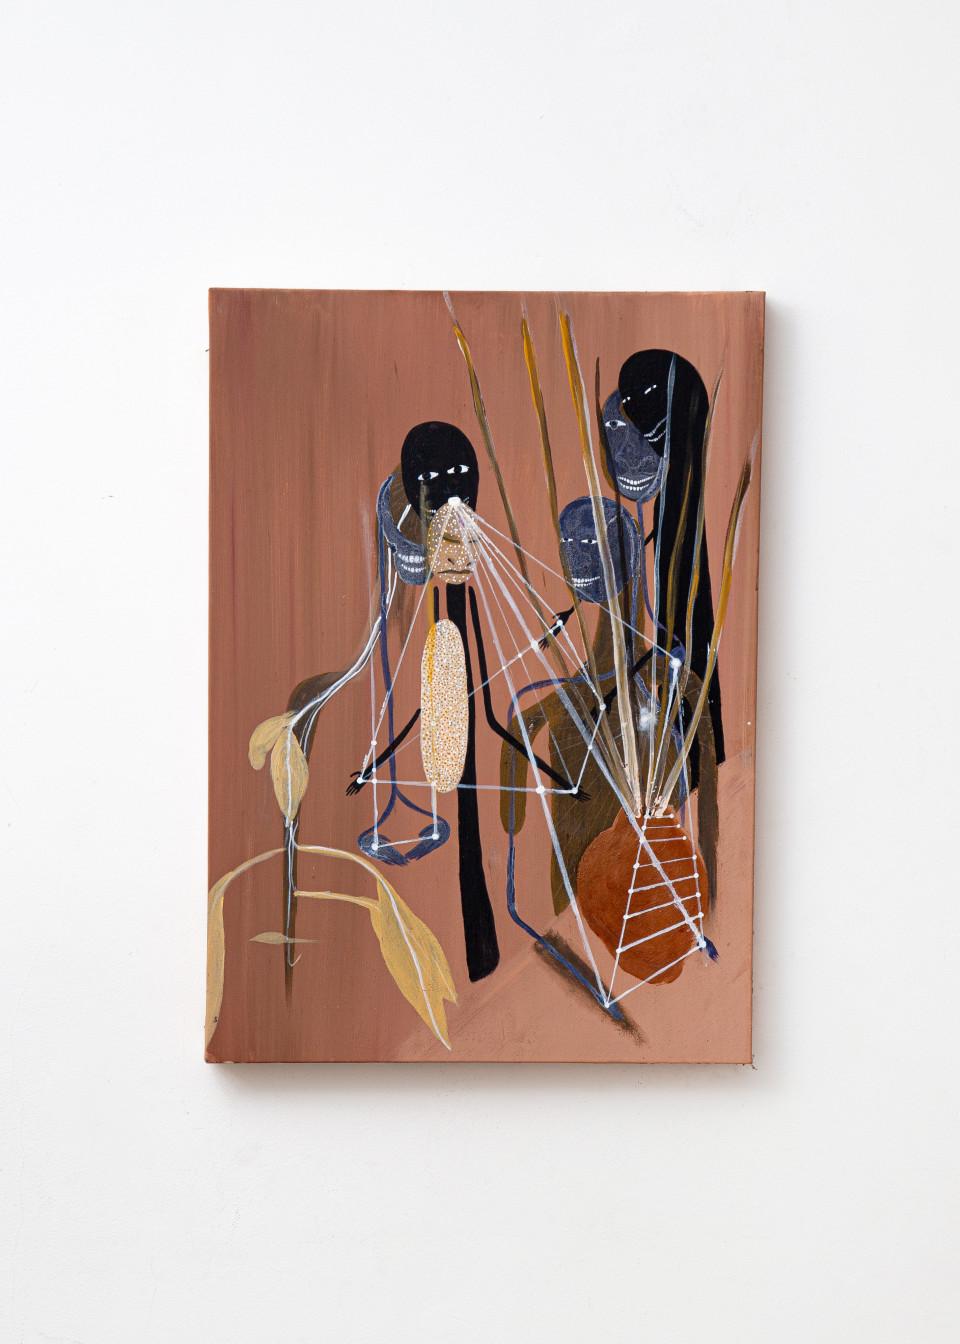 Image: Kelton Campos Fausto  A mão que inicia é uma só, 2021  mixed media on canvas  27 x 19 inches (70 x 50 cm)